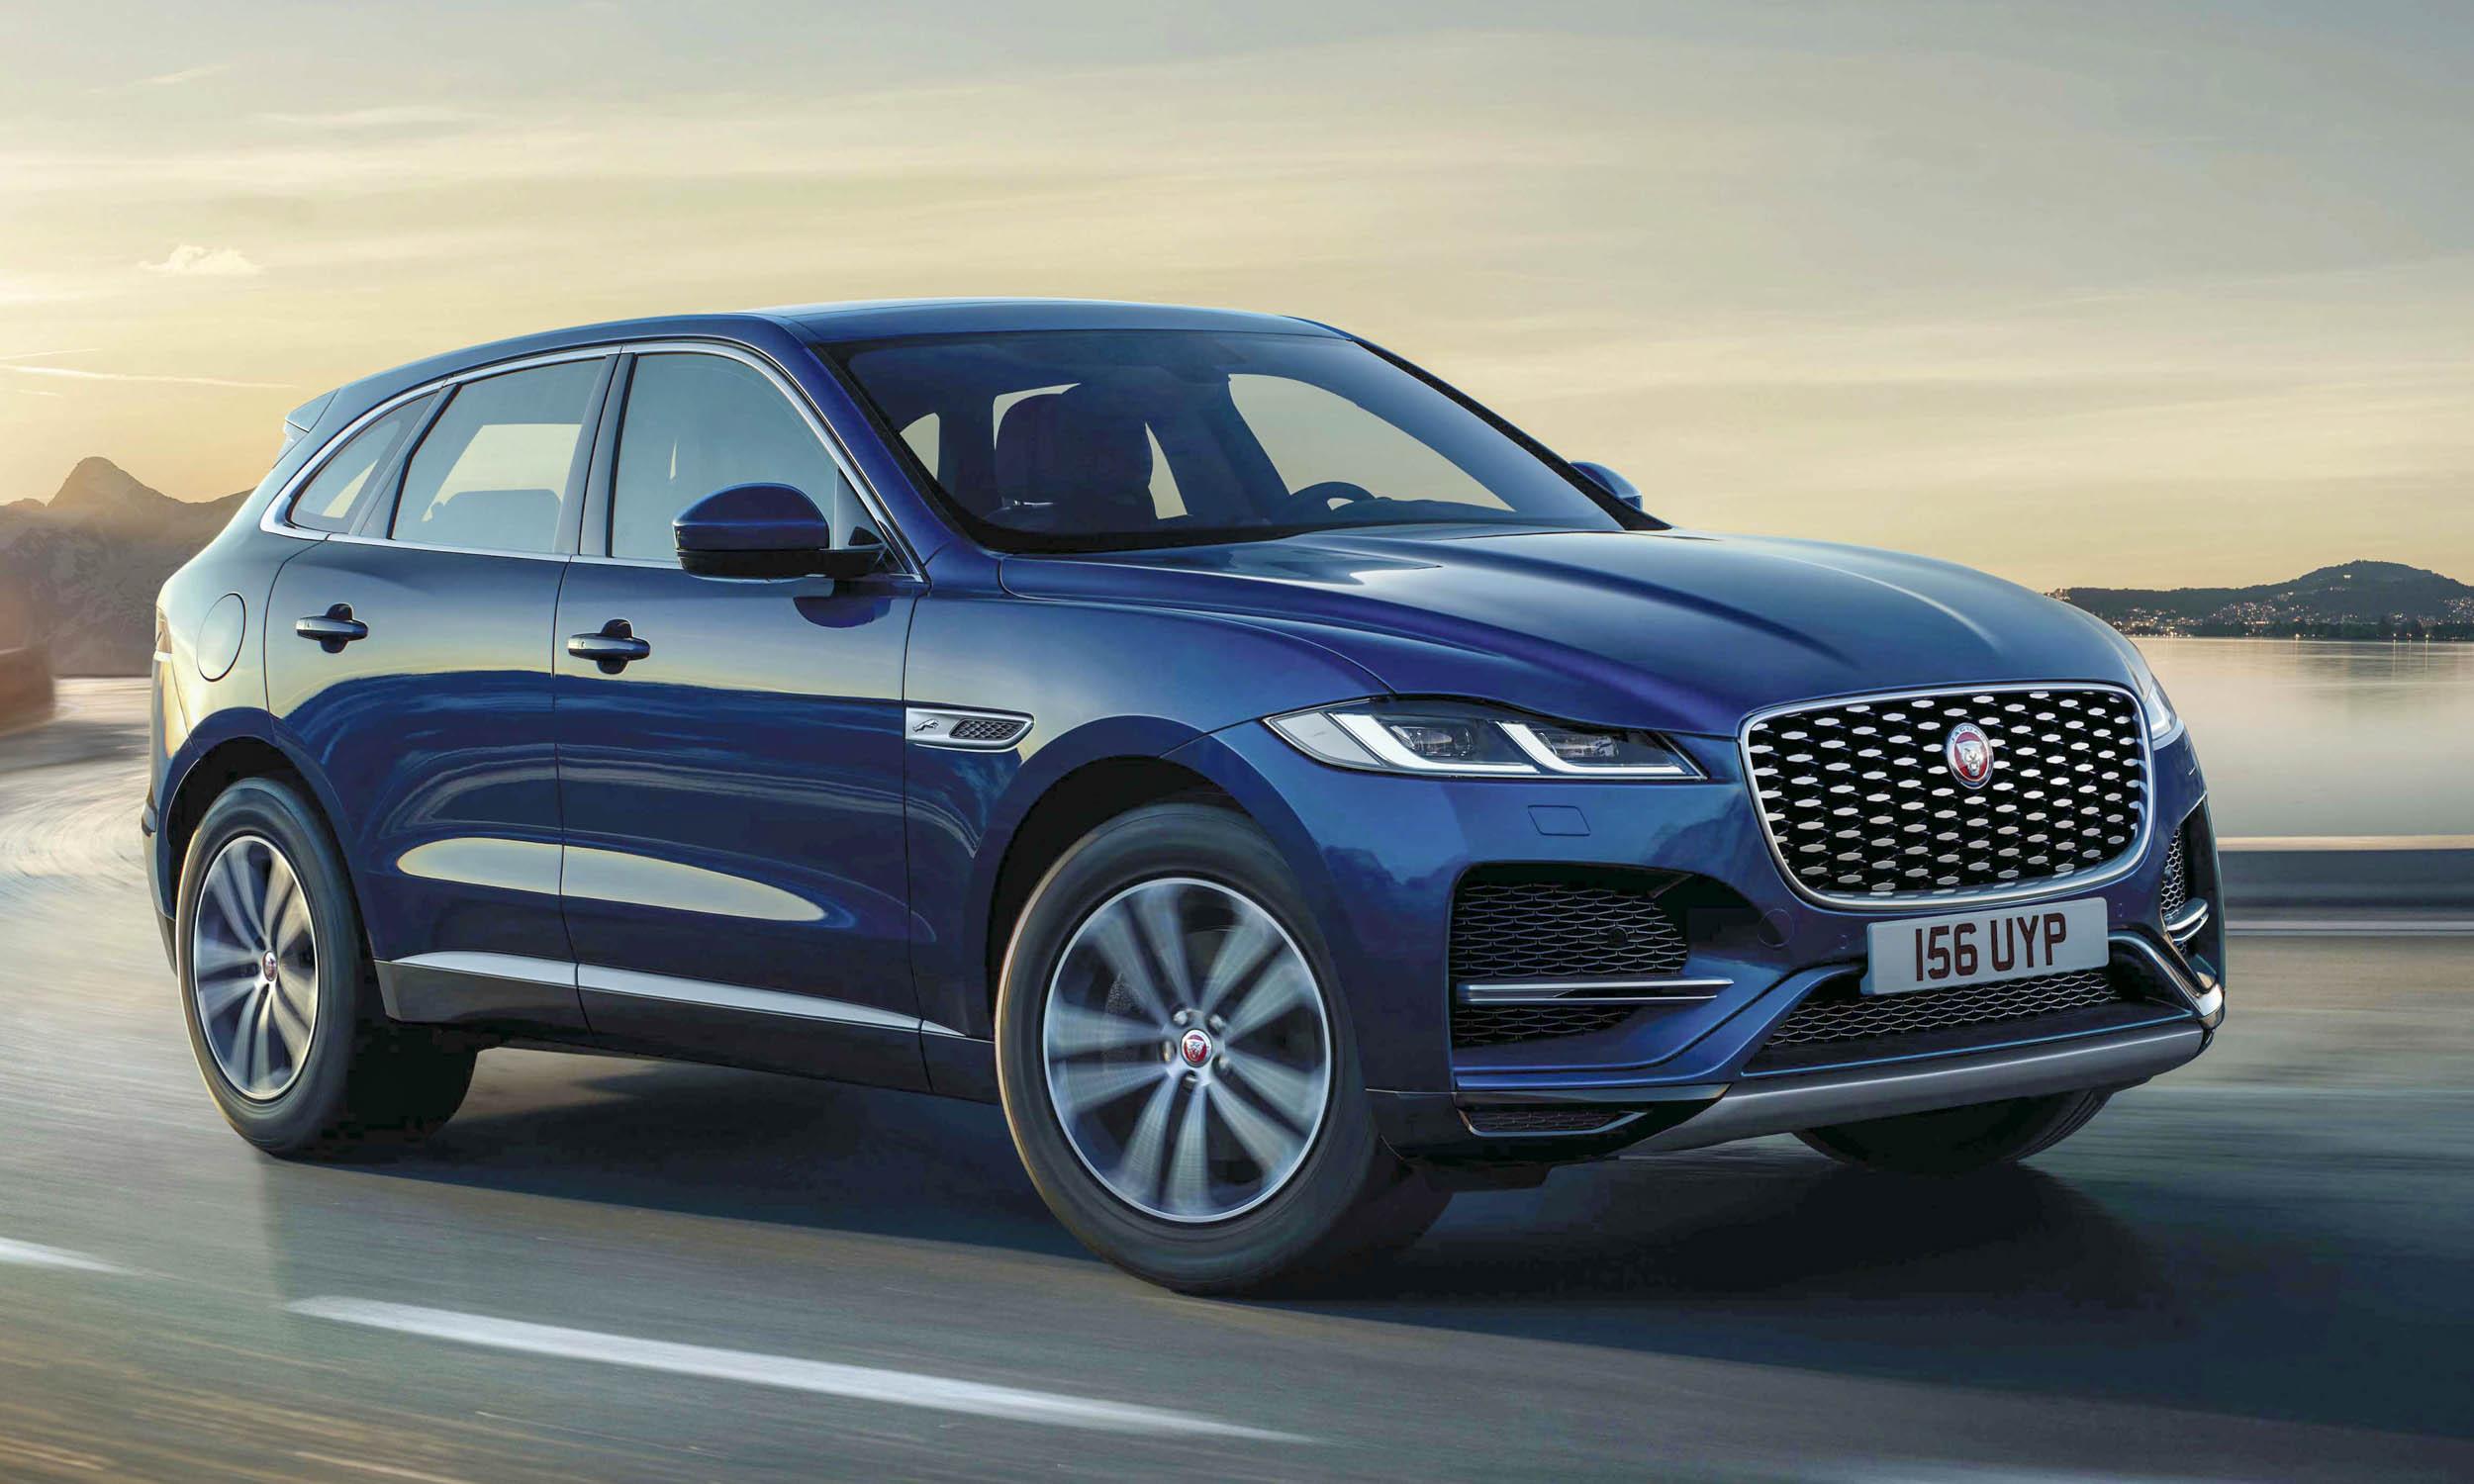 2021 Jaguar FPACE First Looknbsp